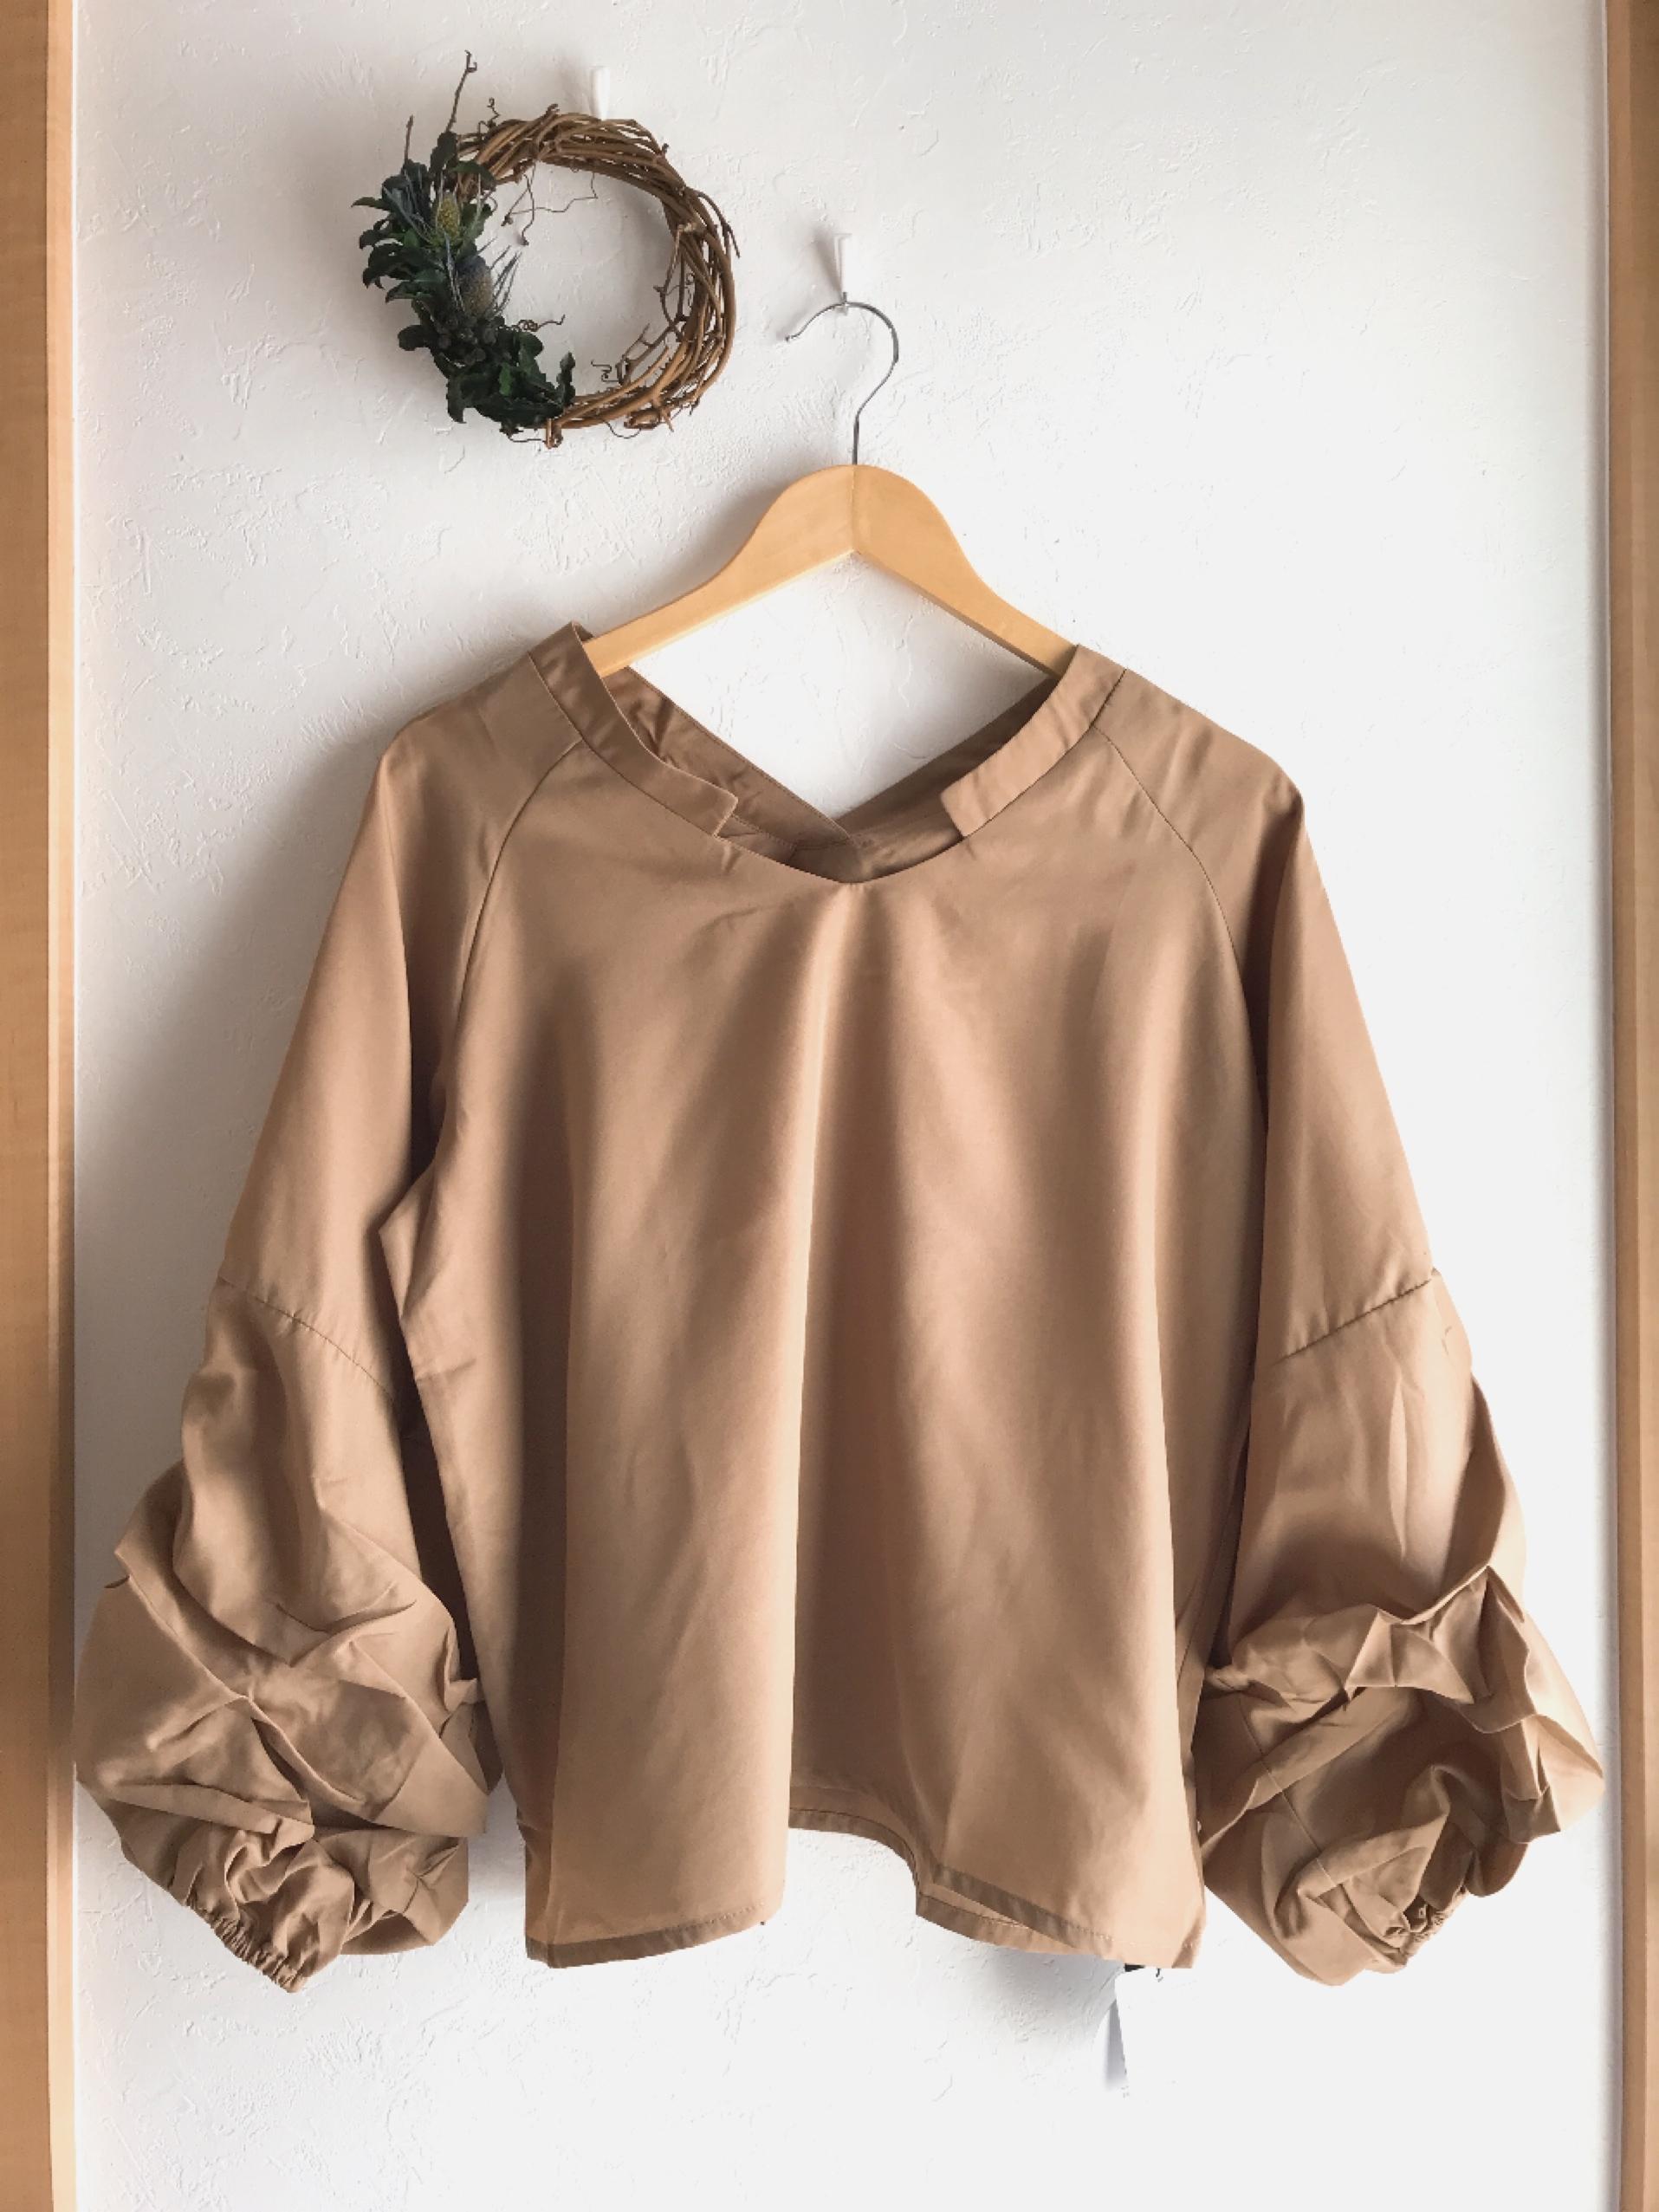 ボリューム袖のスキッパーシャツ ベージュ